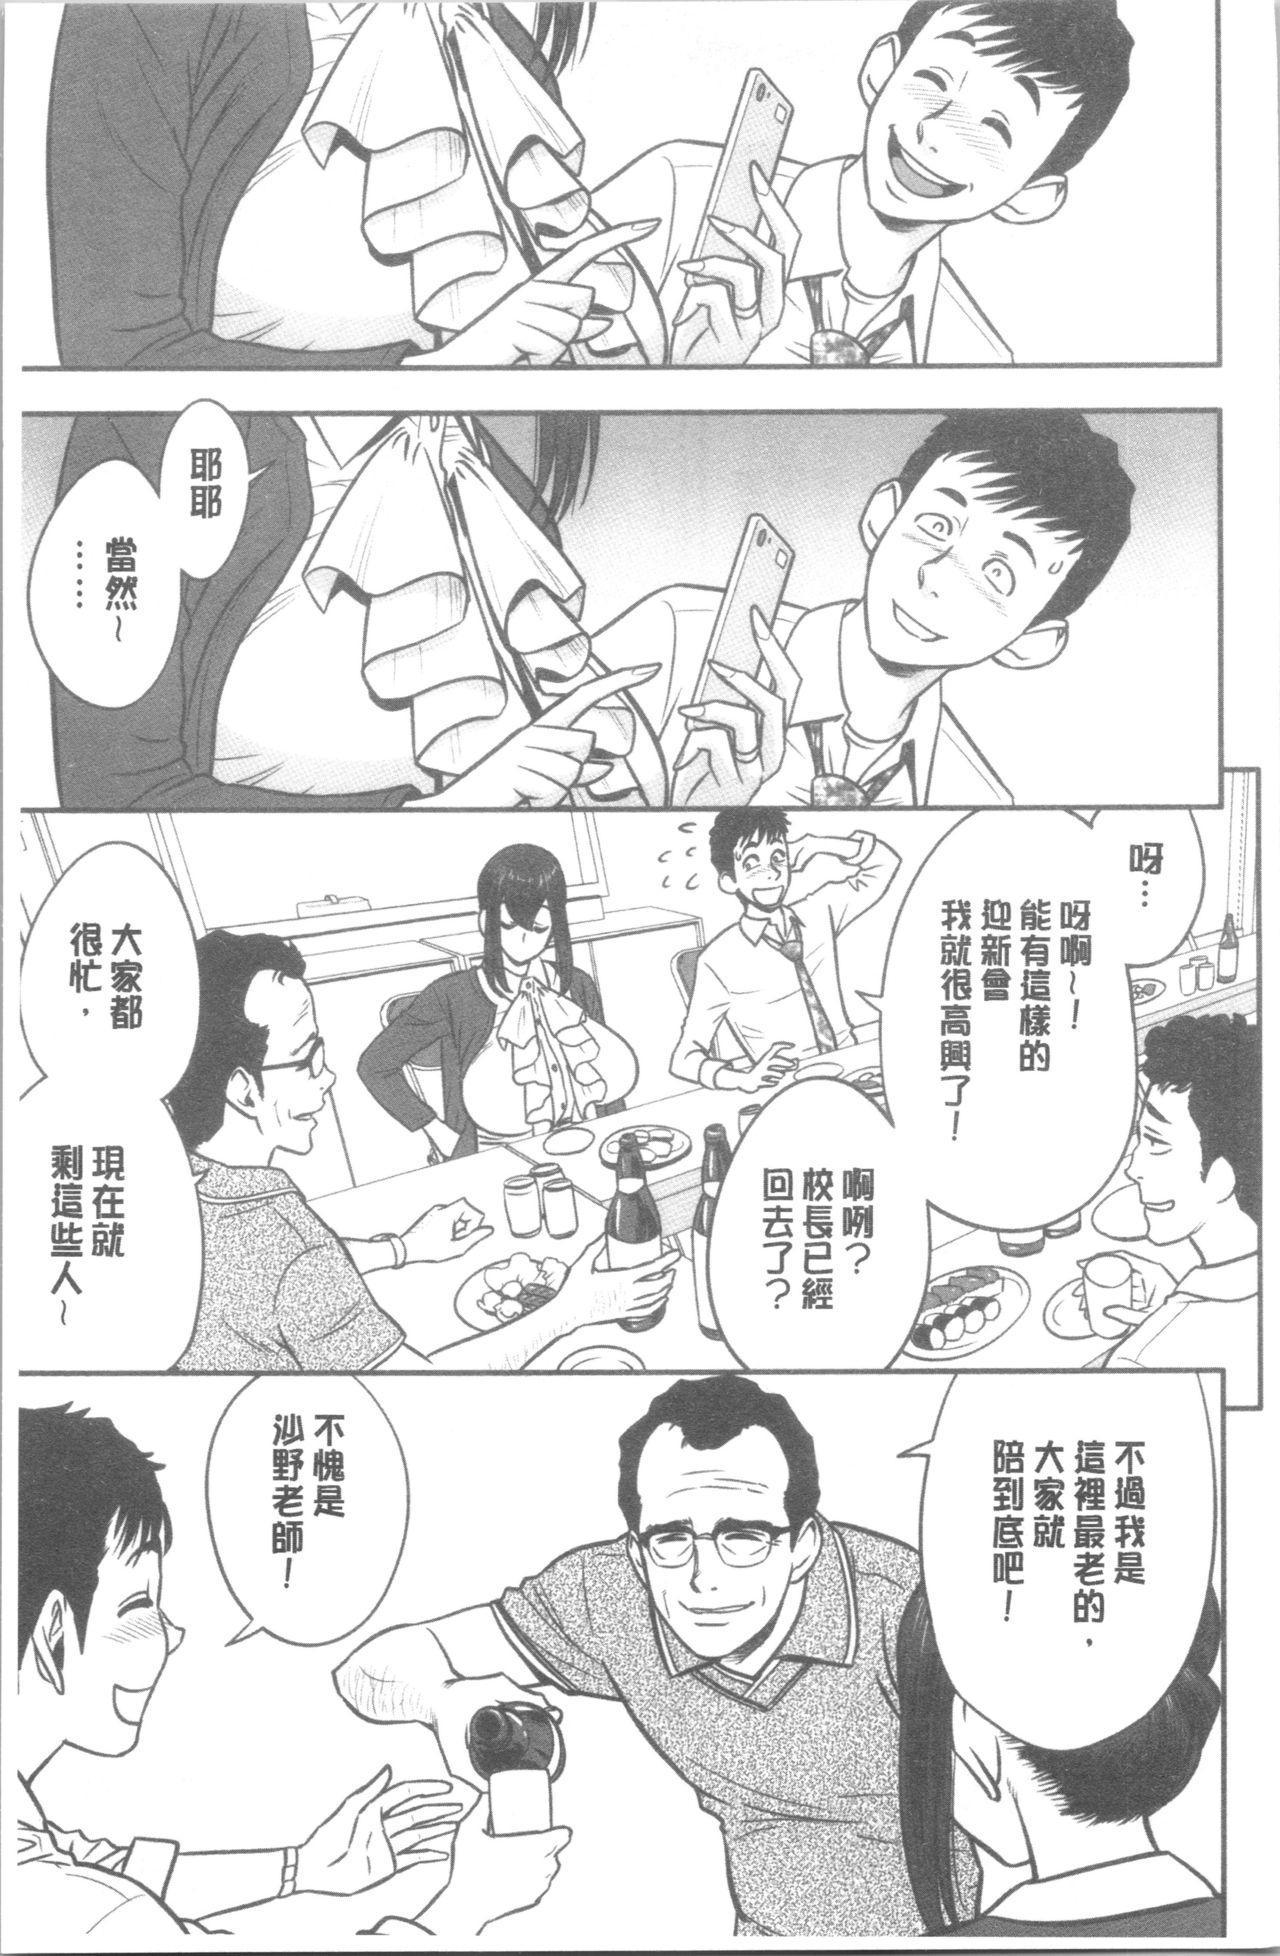 [Tatsunami Youtoku] Dankon Sousai -Hitozuma Kyoushi ga Netorareru made no Kiroku- | 男根想妻 -人妻女教師被寢取偷吃為止的記錄- [Chinese] 9